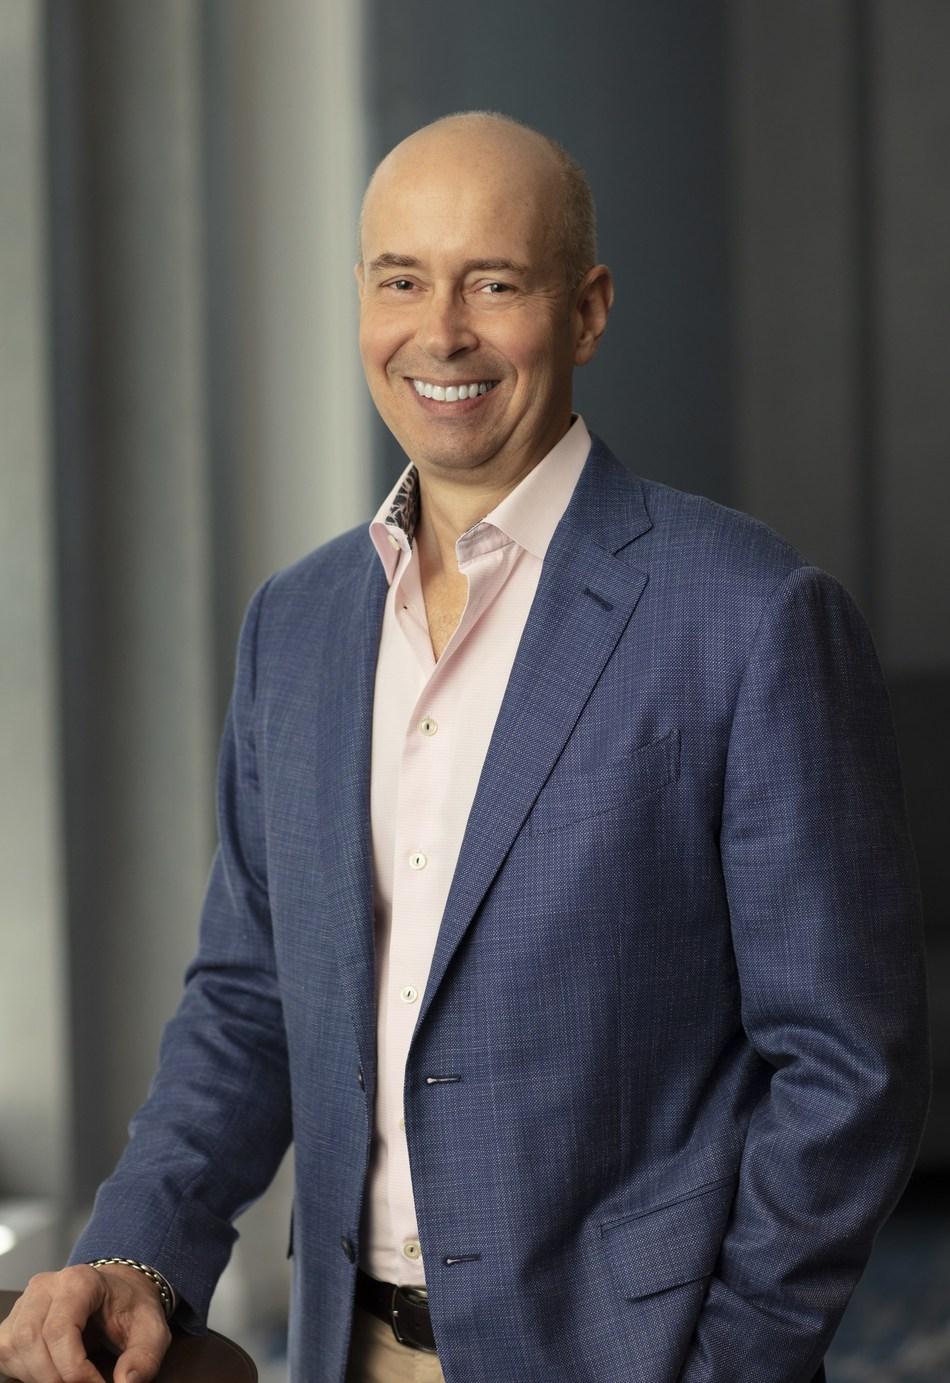 Canopy Growth annonce la nomination du nouveau président du conseil d'administration (Groupe CNW/Canopy Growth Corporation)